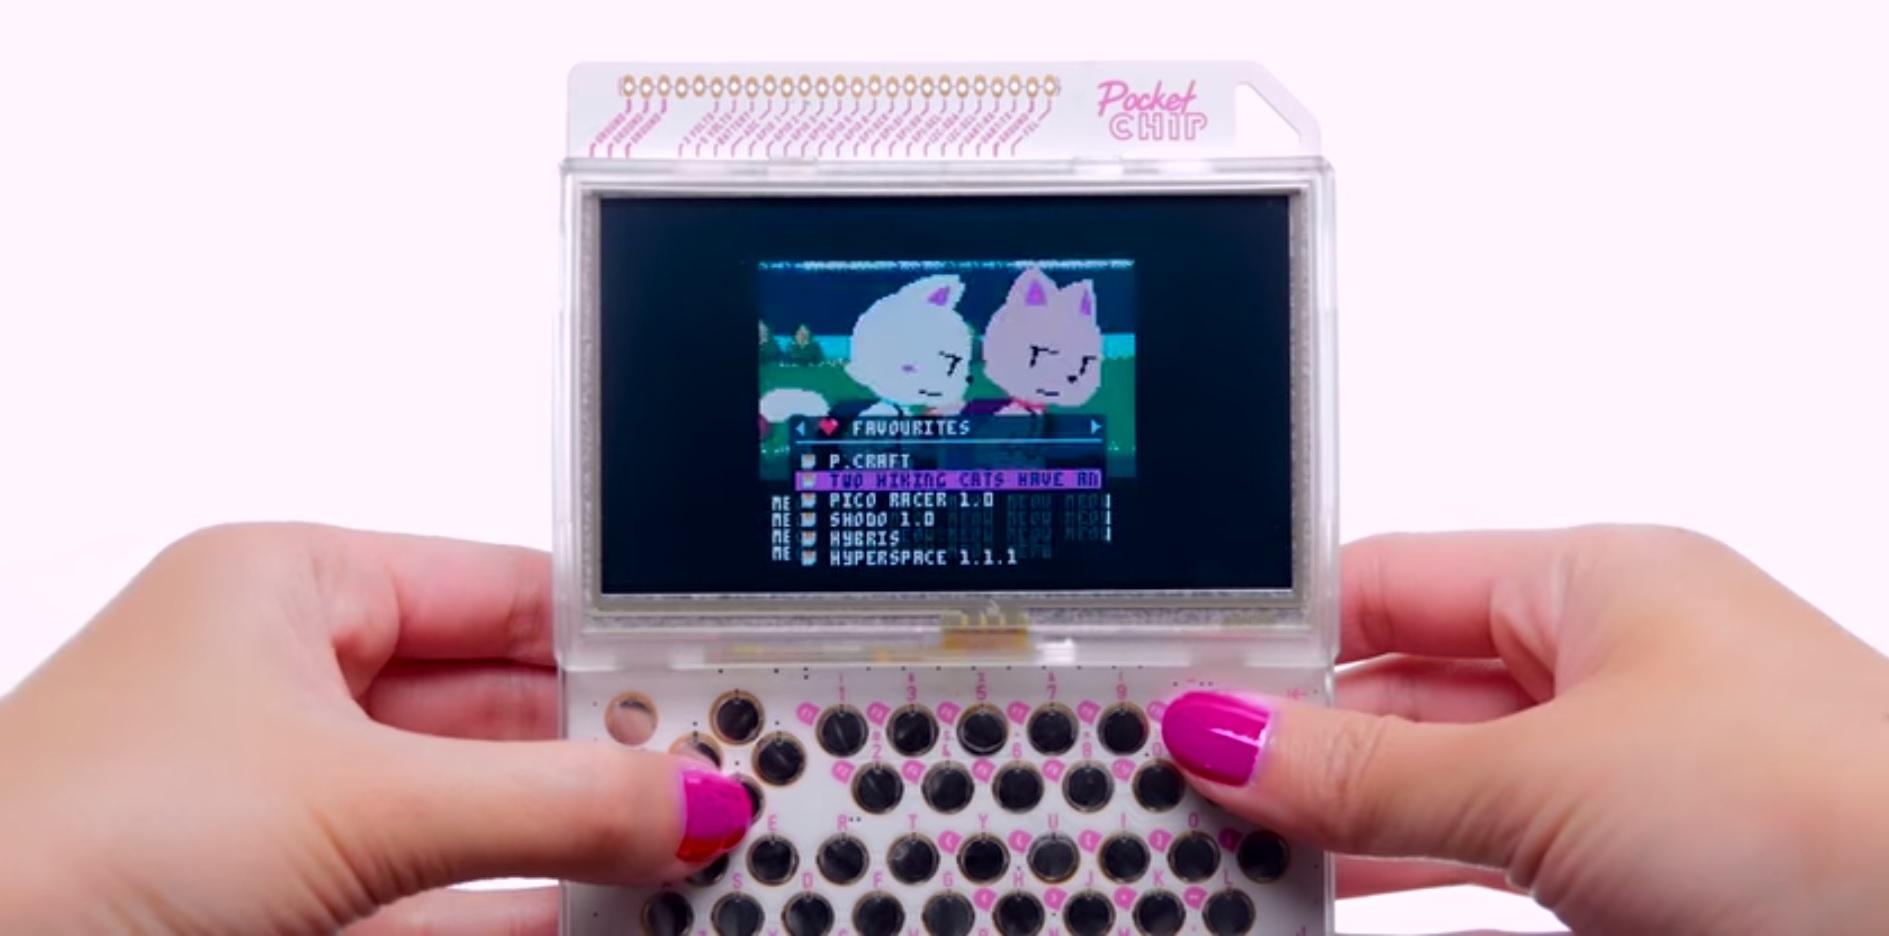 Pico-8 code editor